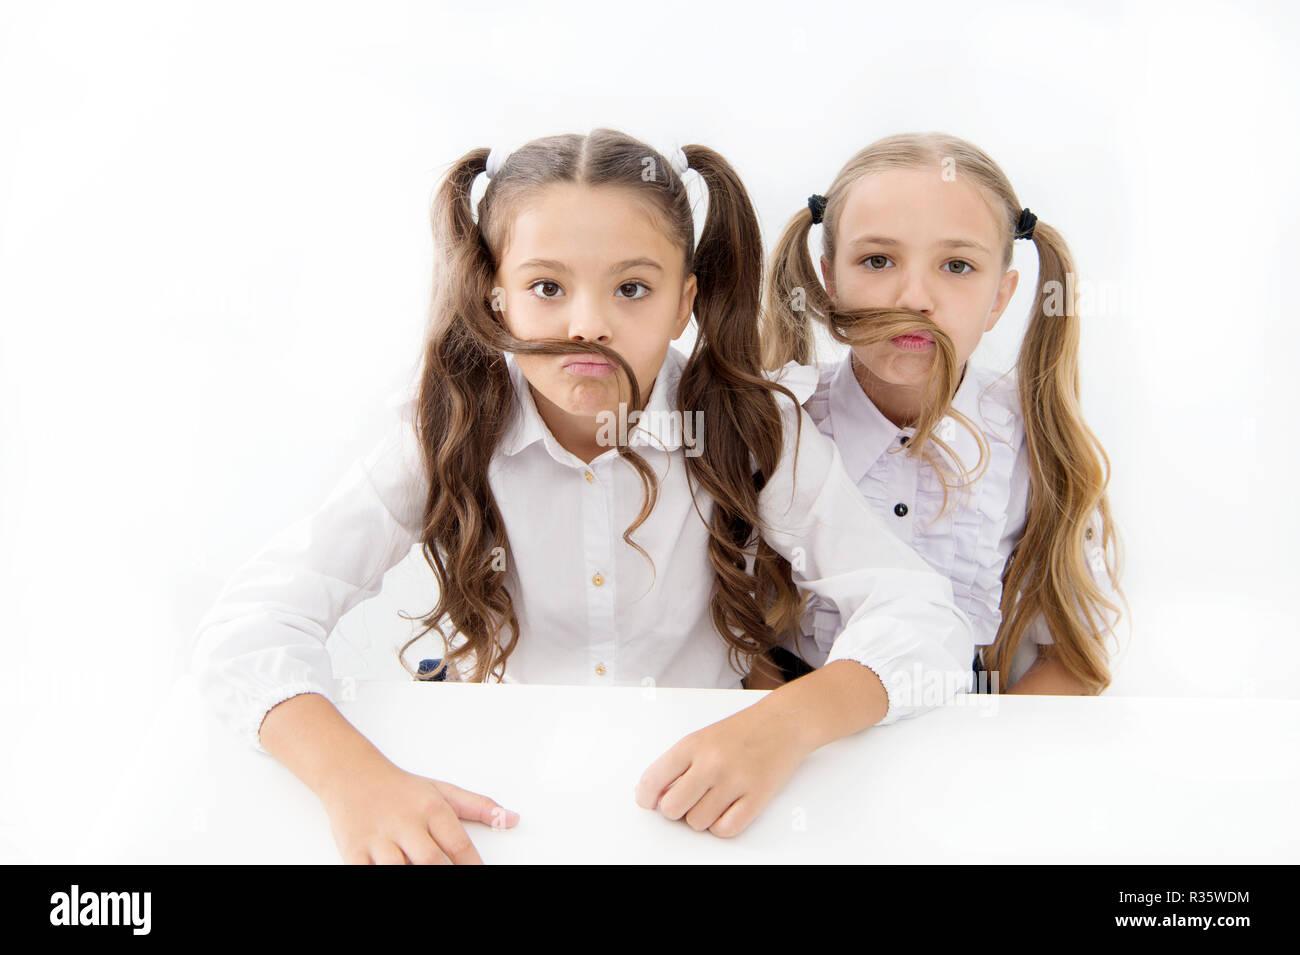 Mädchen Machen Schnurrbart Mit Langen Haaren Weißen Hintergrund